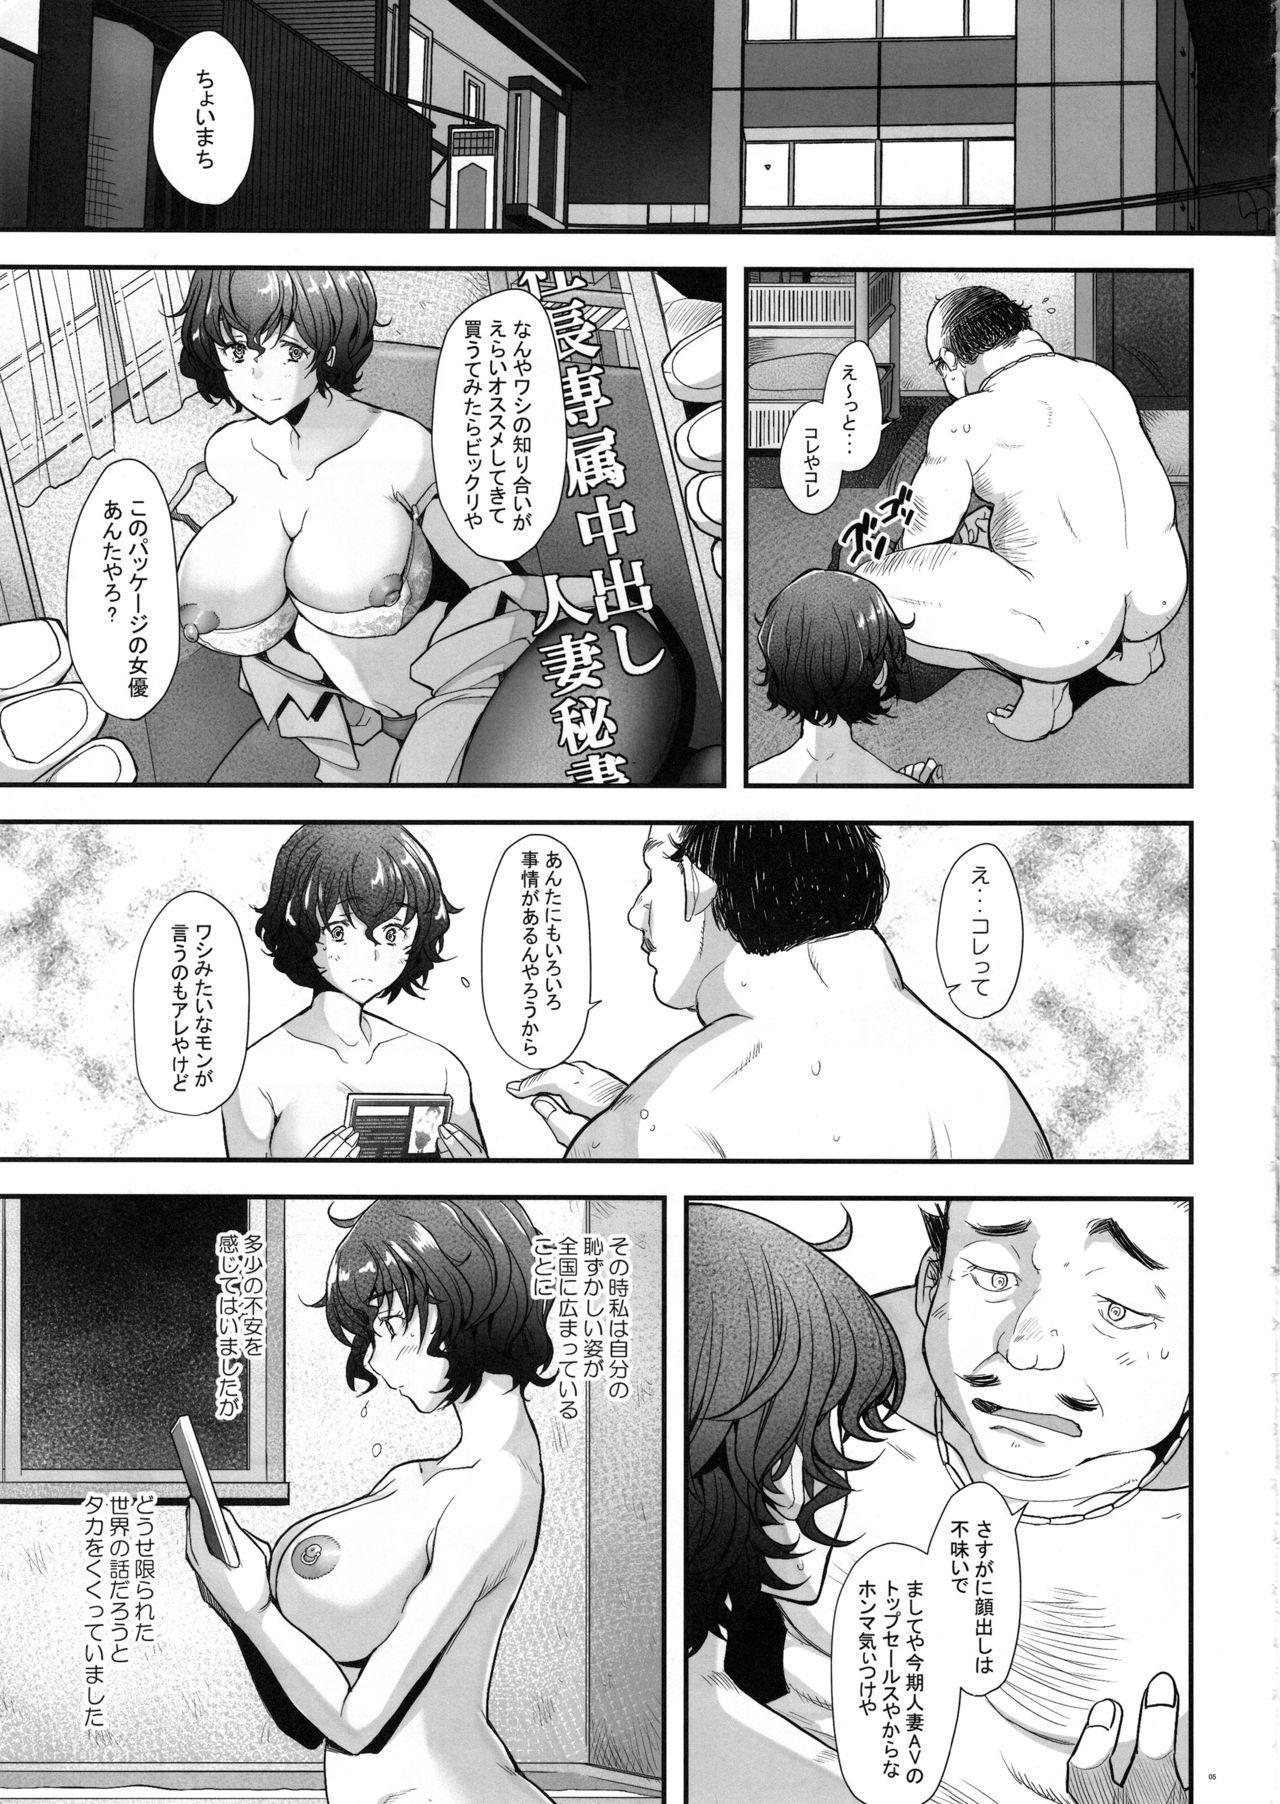 AV Shutsuen o Neta ni Odosarete Kimobuta ni Okasareru Rihatsuten no Hitozuma 3